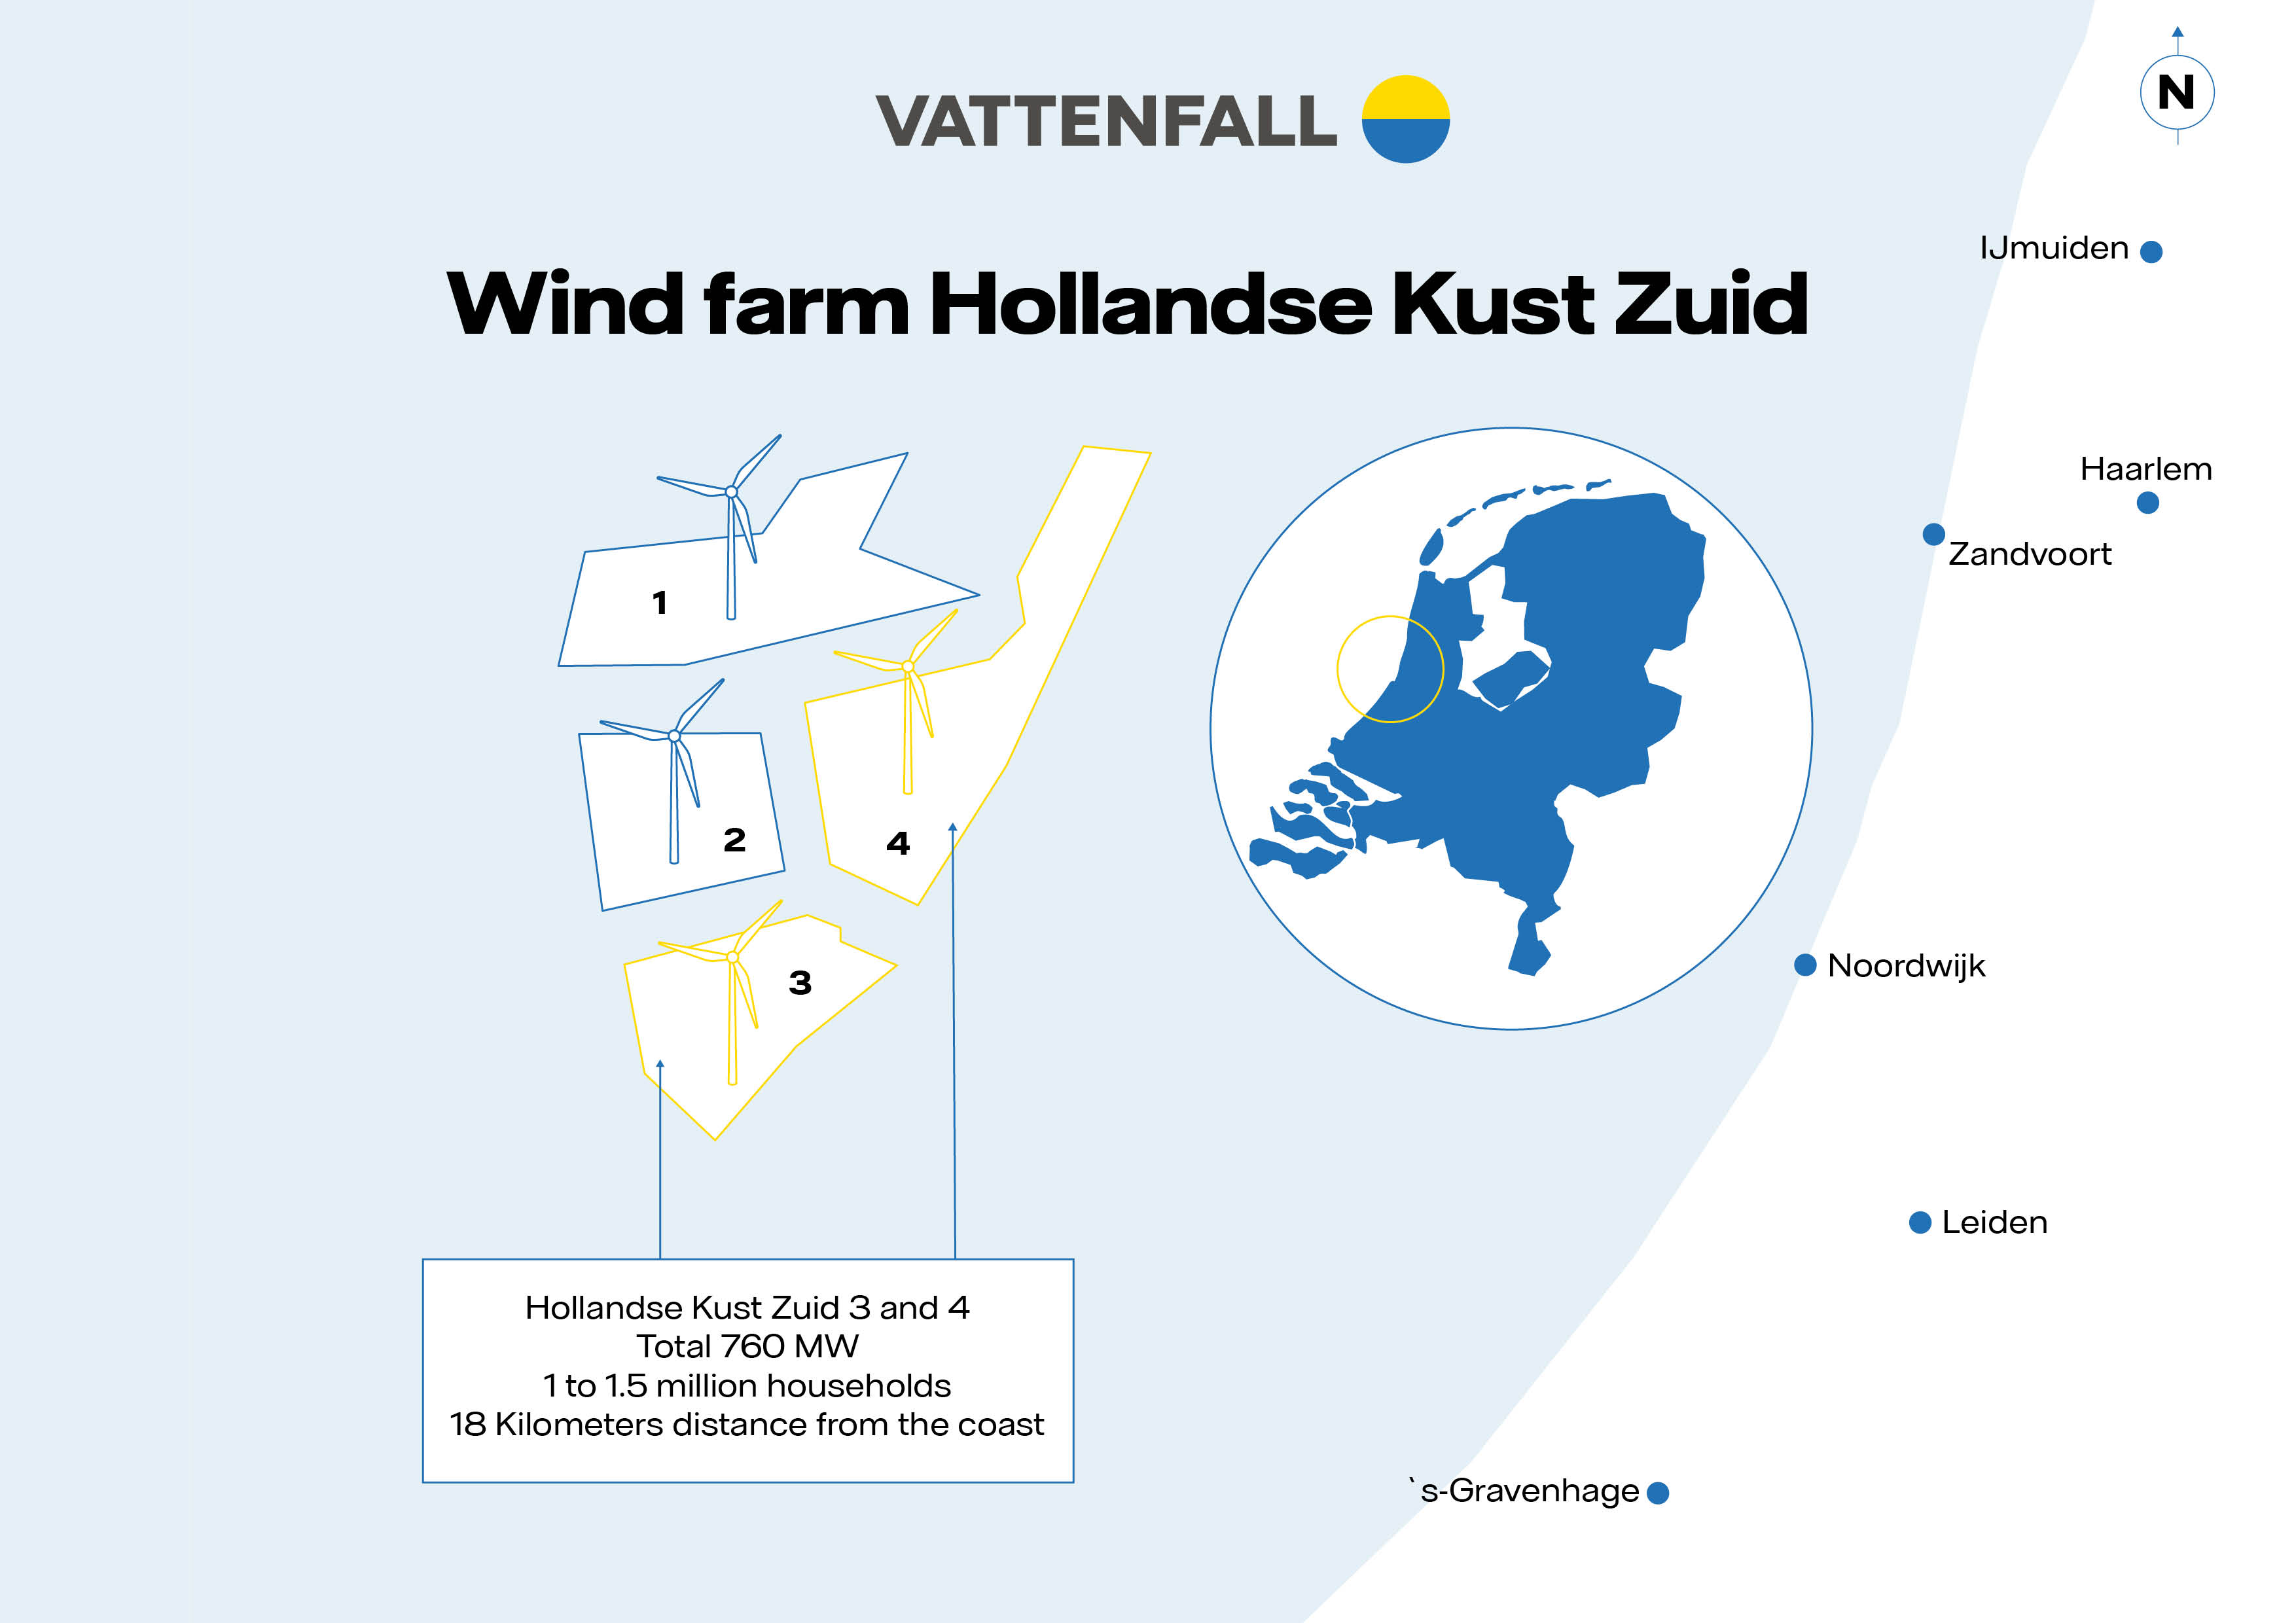 Map Hollandse Kust Zuid 1 - 4